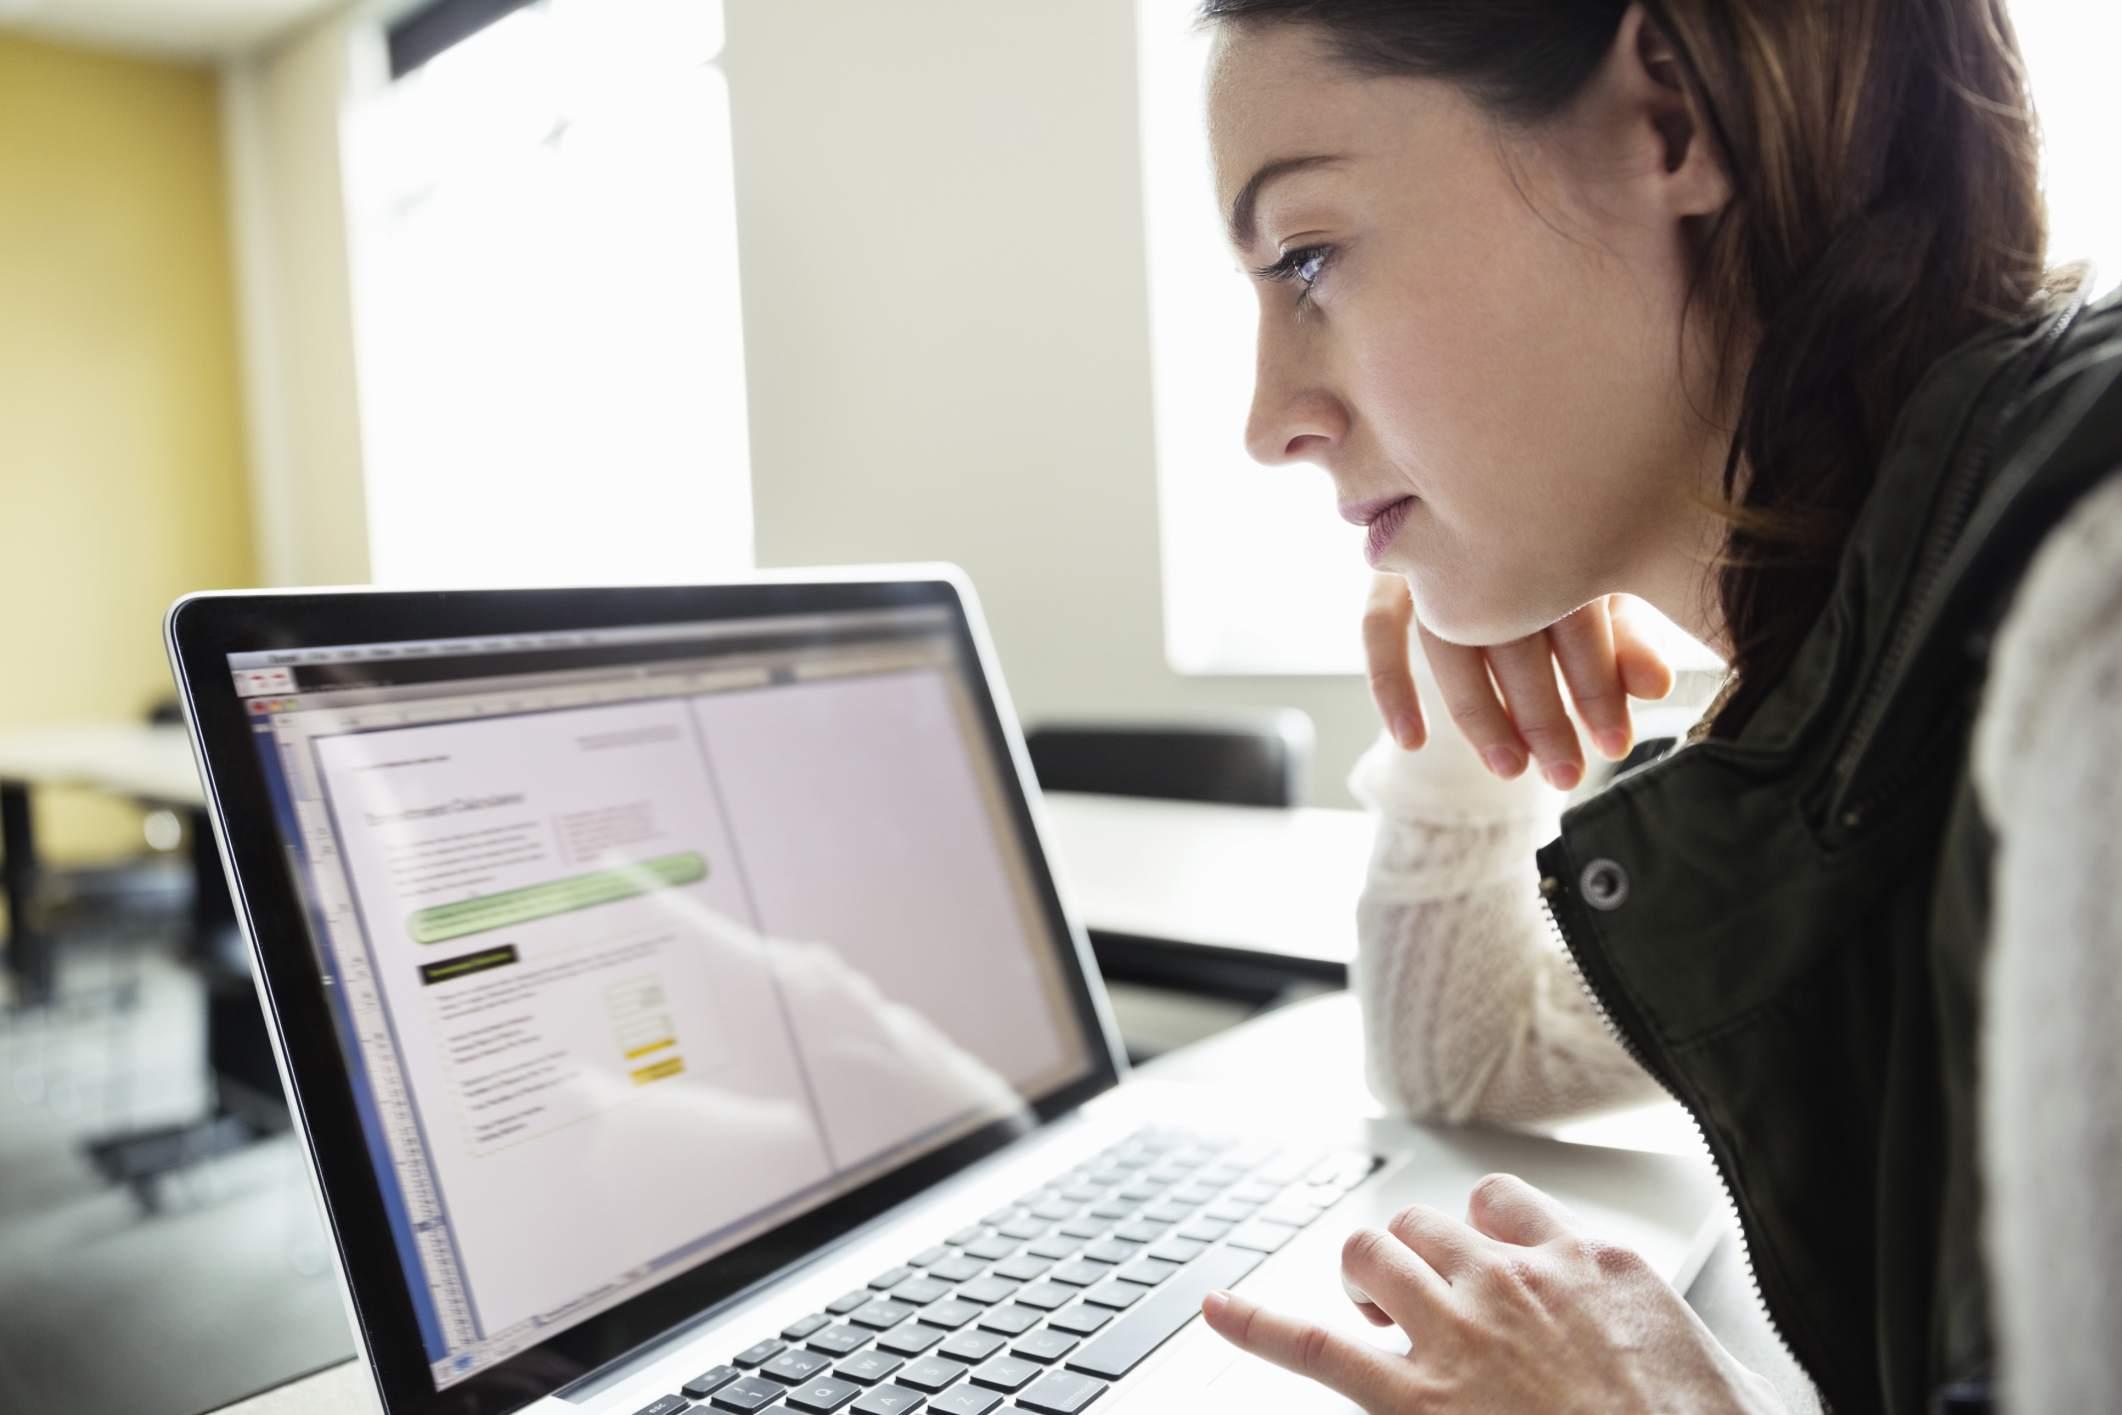 Mujer delante de pantalla de computadora.